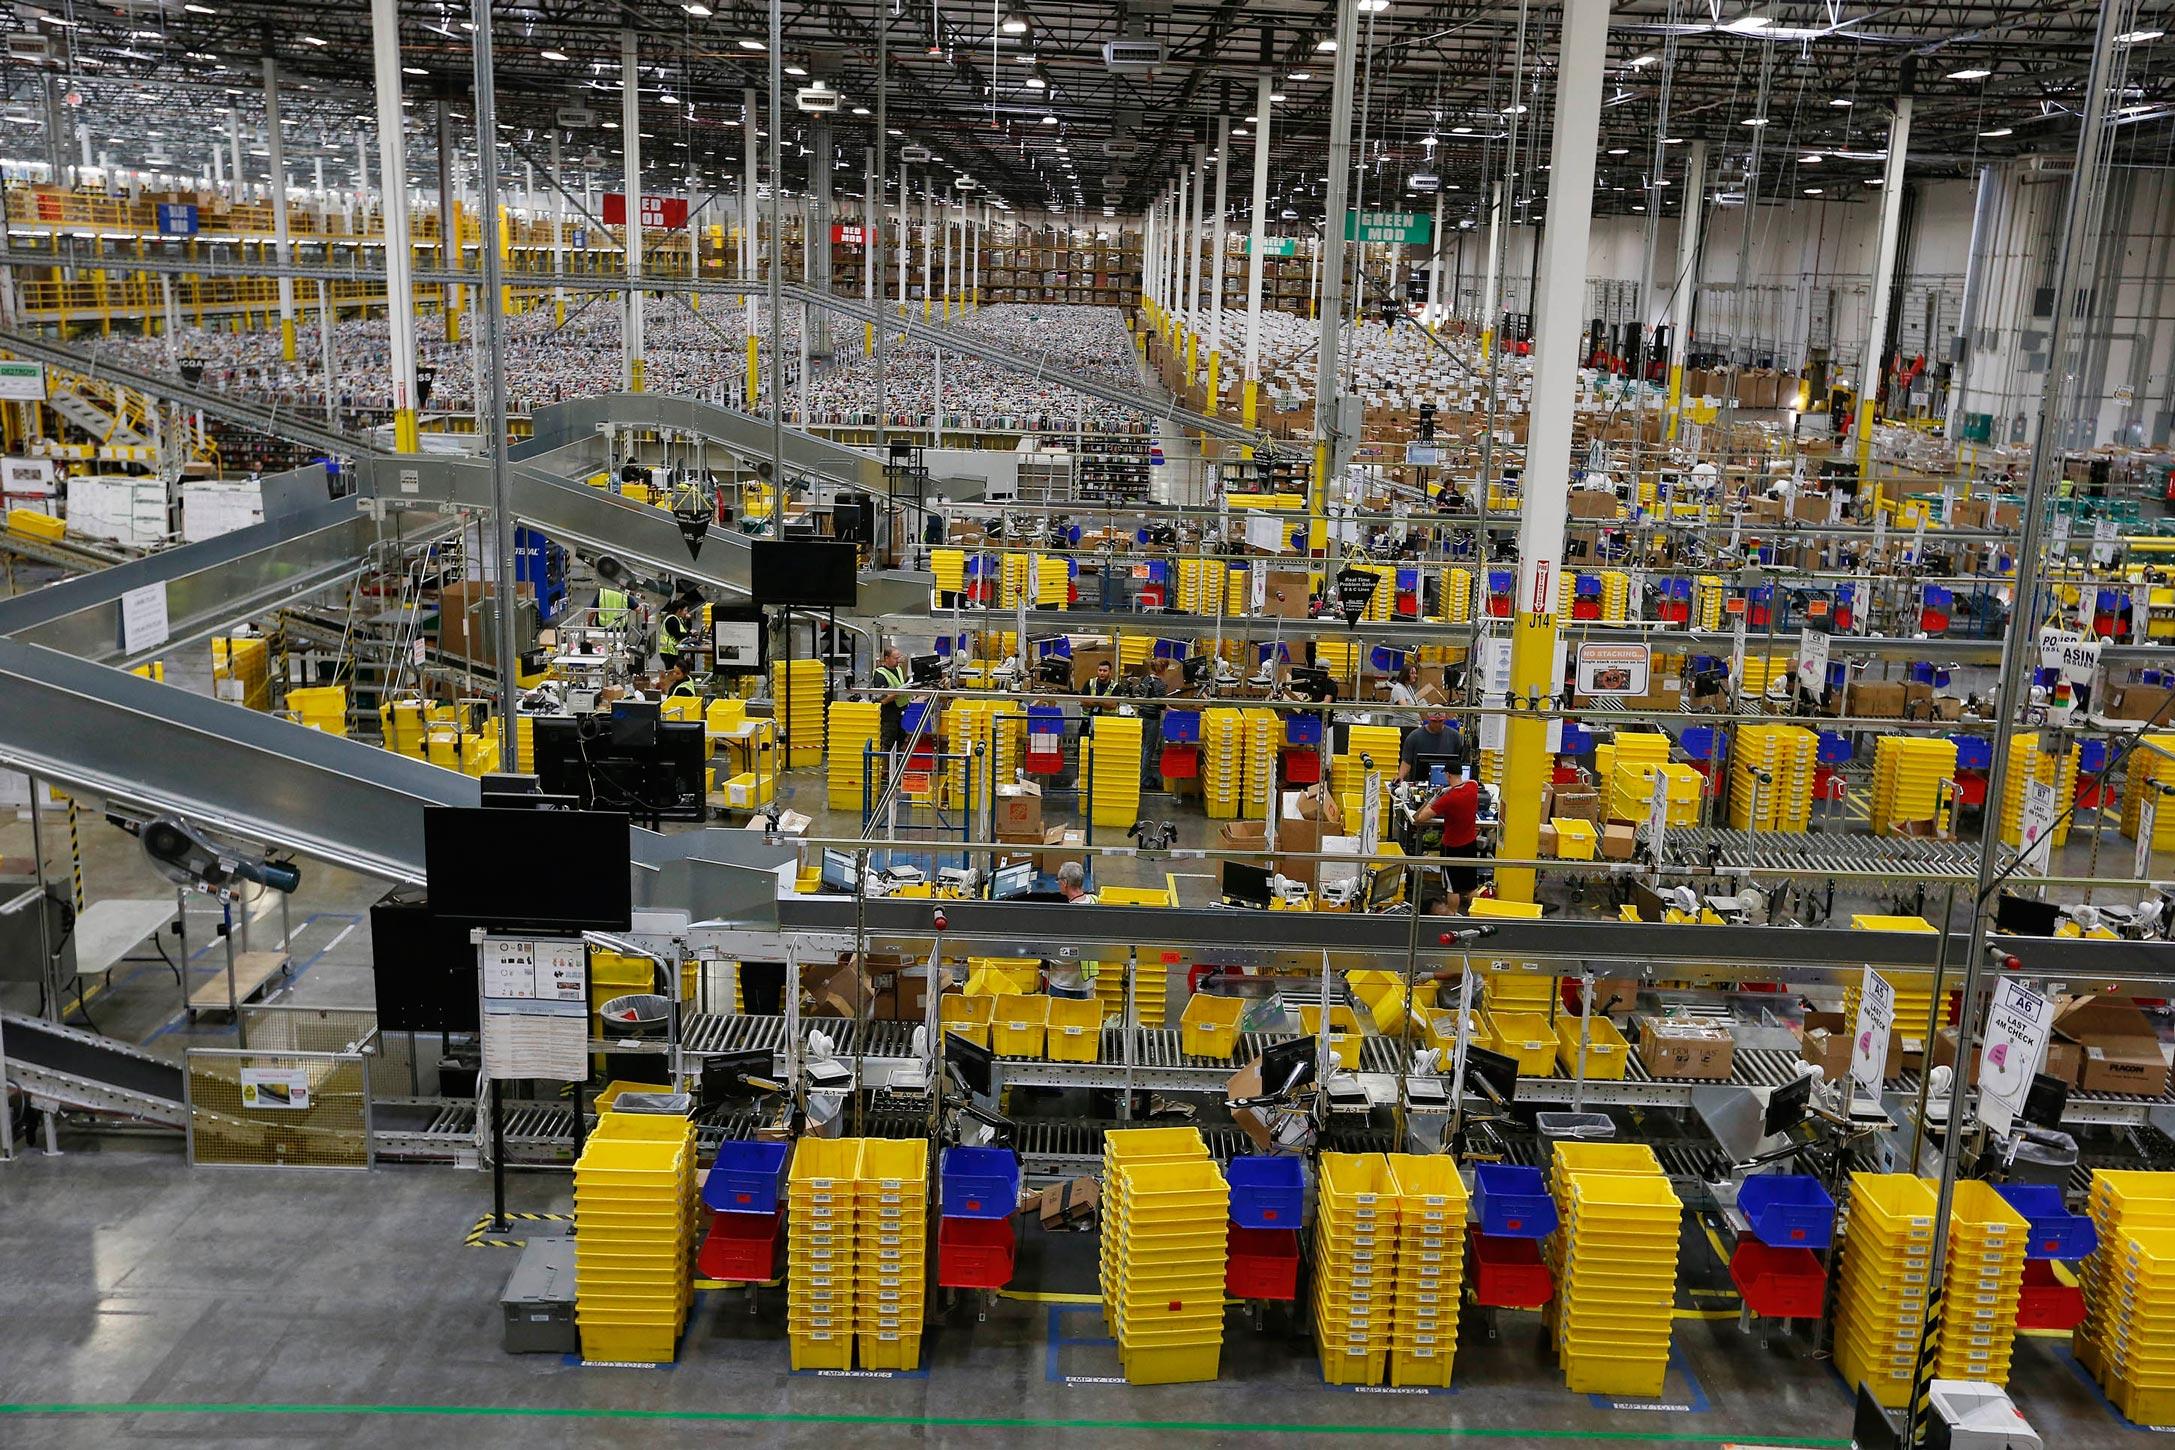 أفضل 5 شركات توصيل في الولايات المتحدة